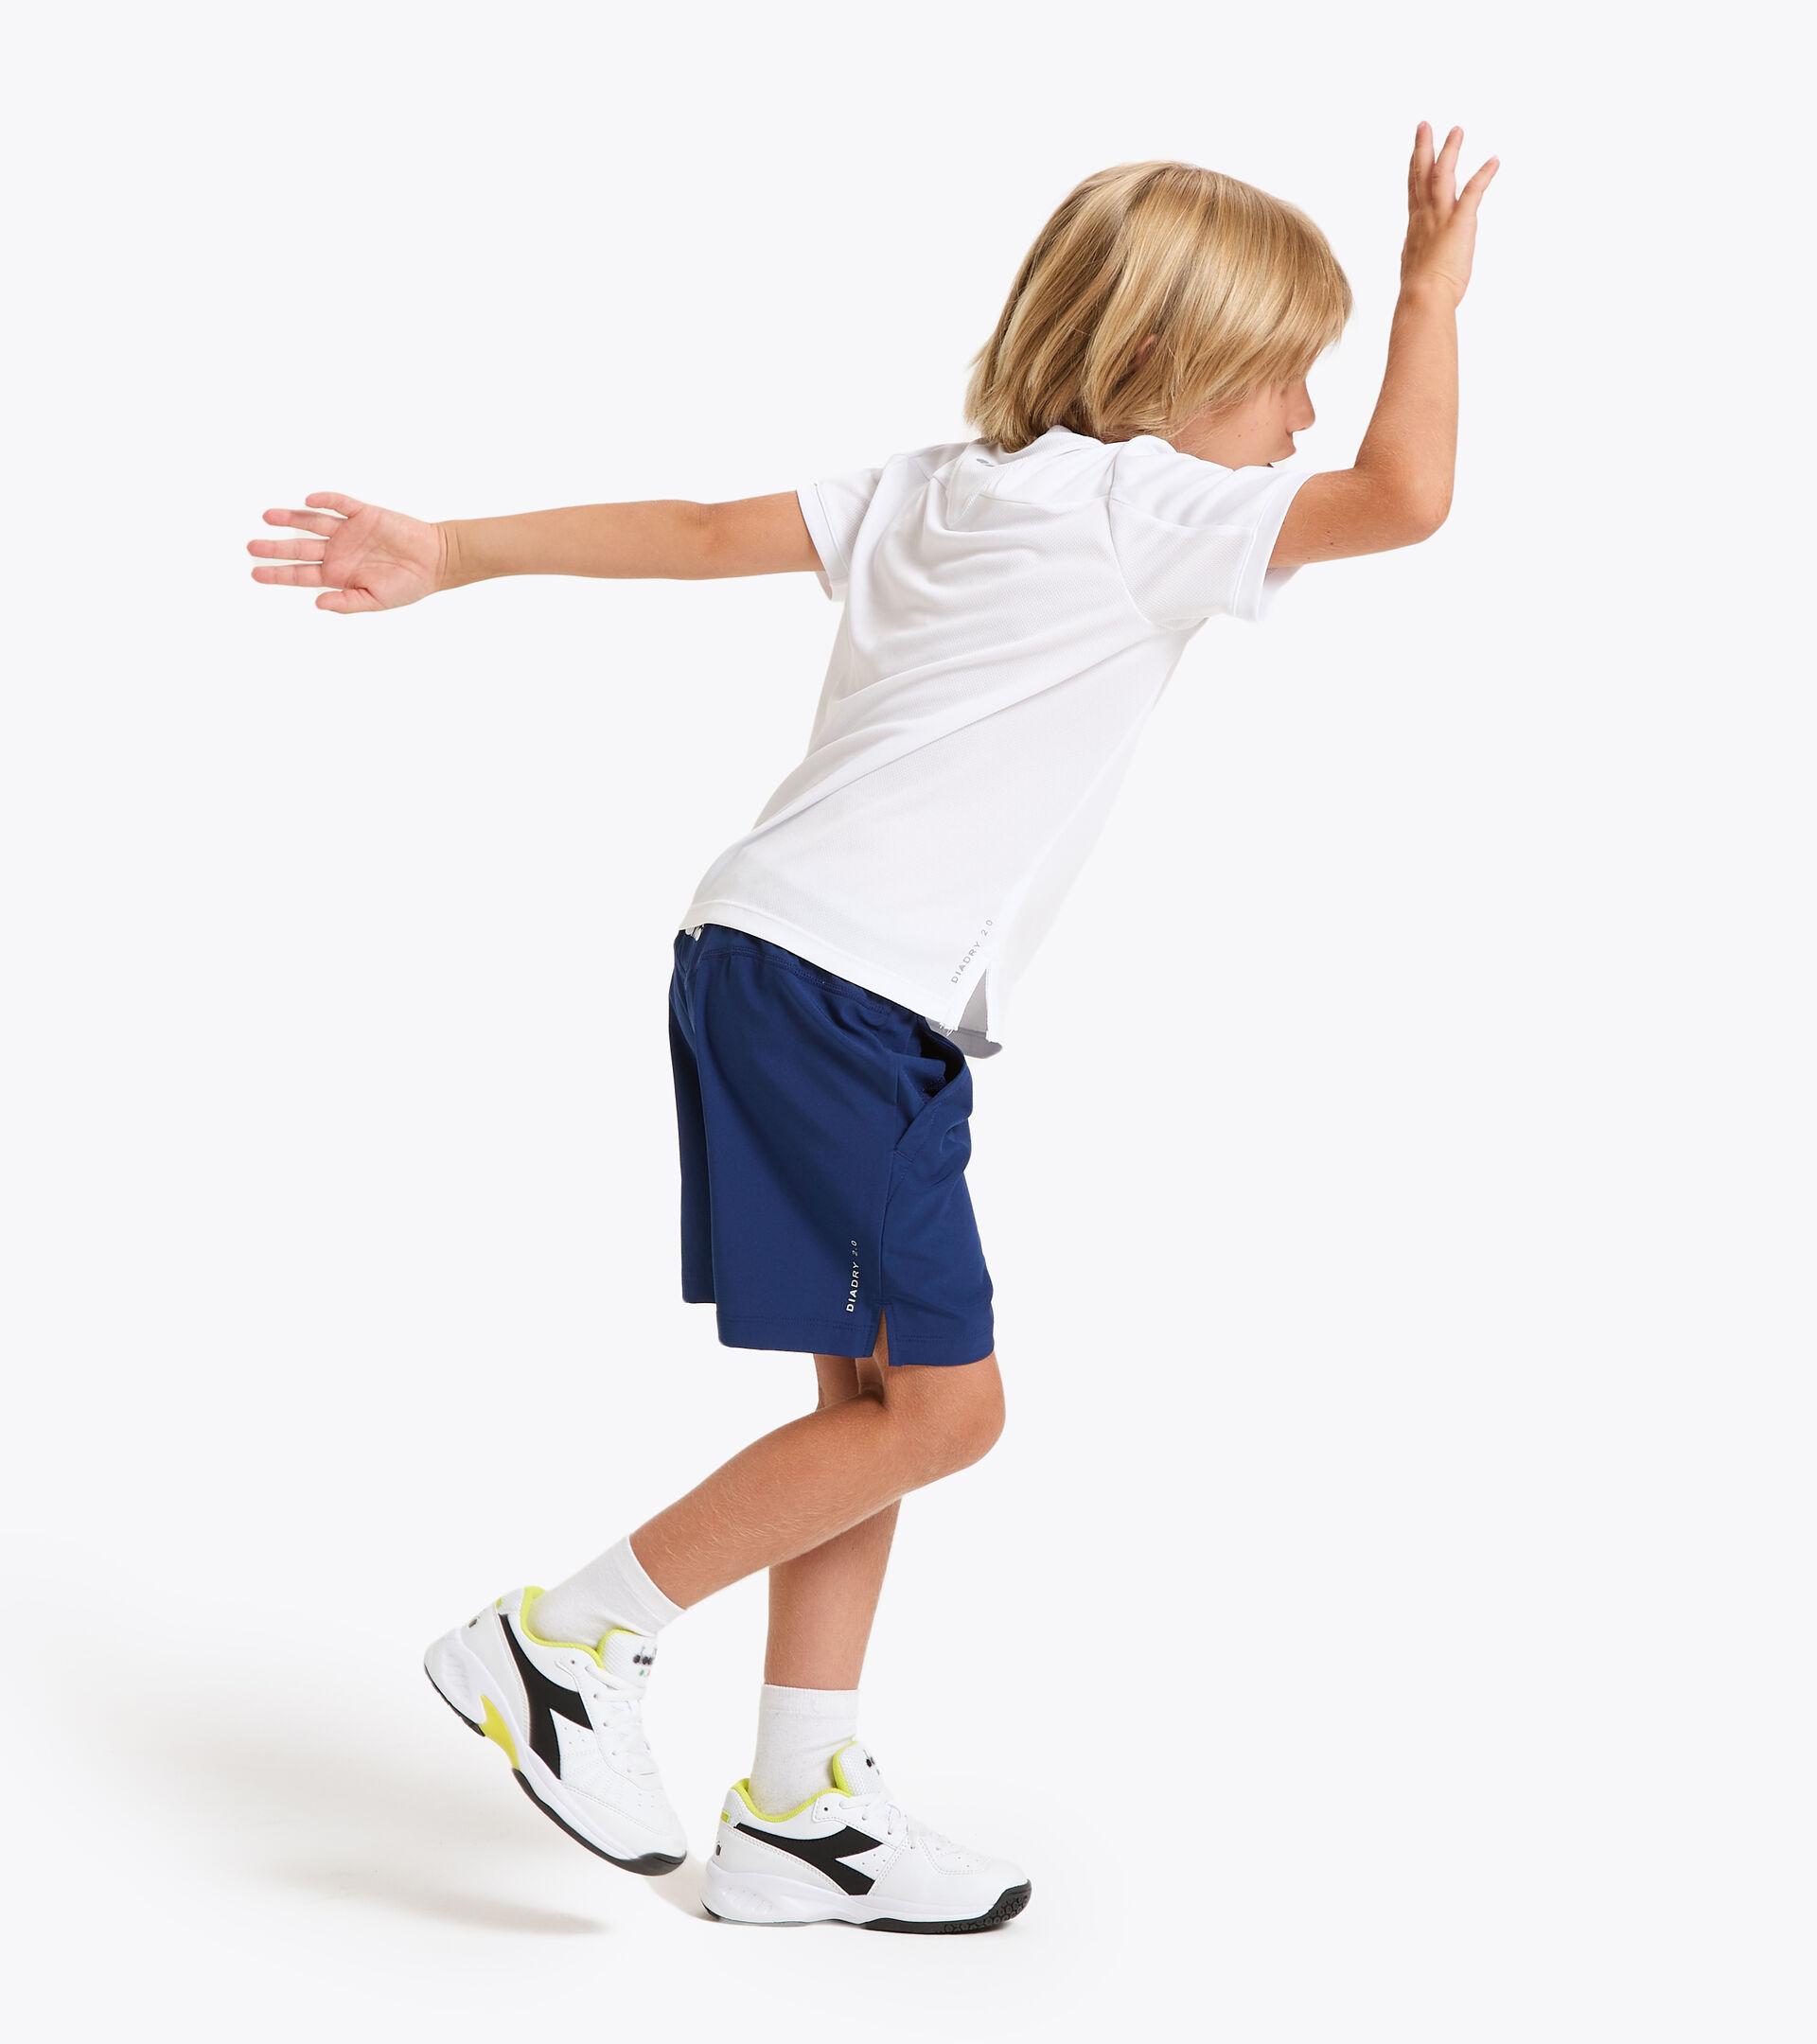 Camiseta de tenis - Junior J. T-SHIRT COURT BLANCO VIVO - Diadora